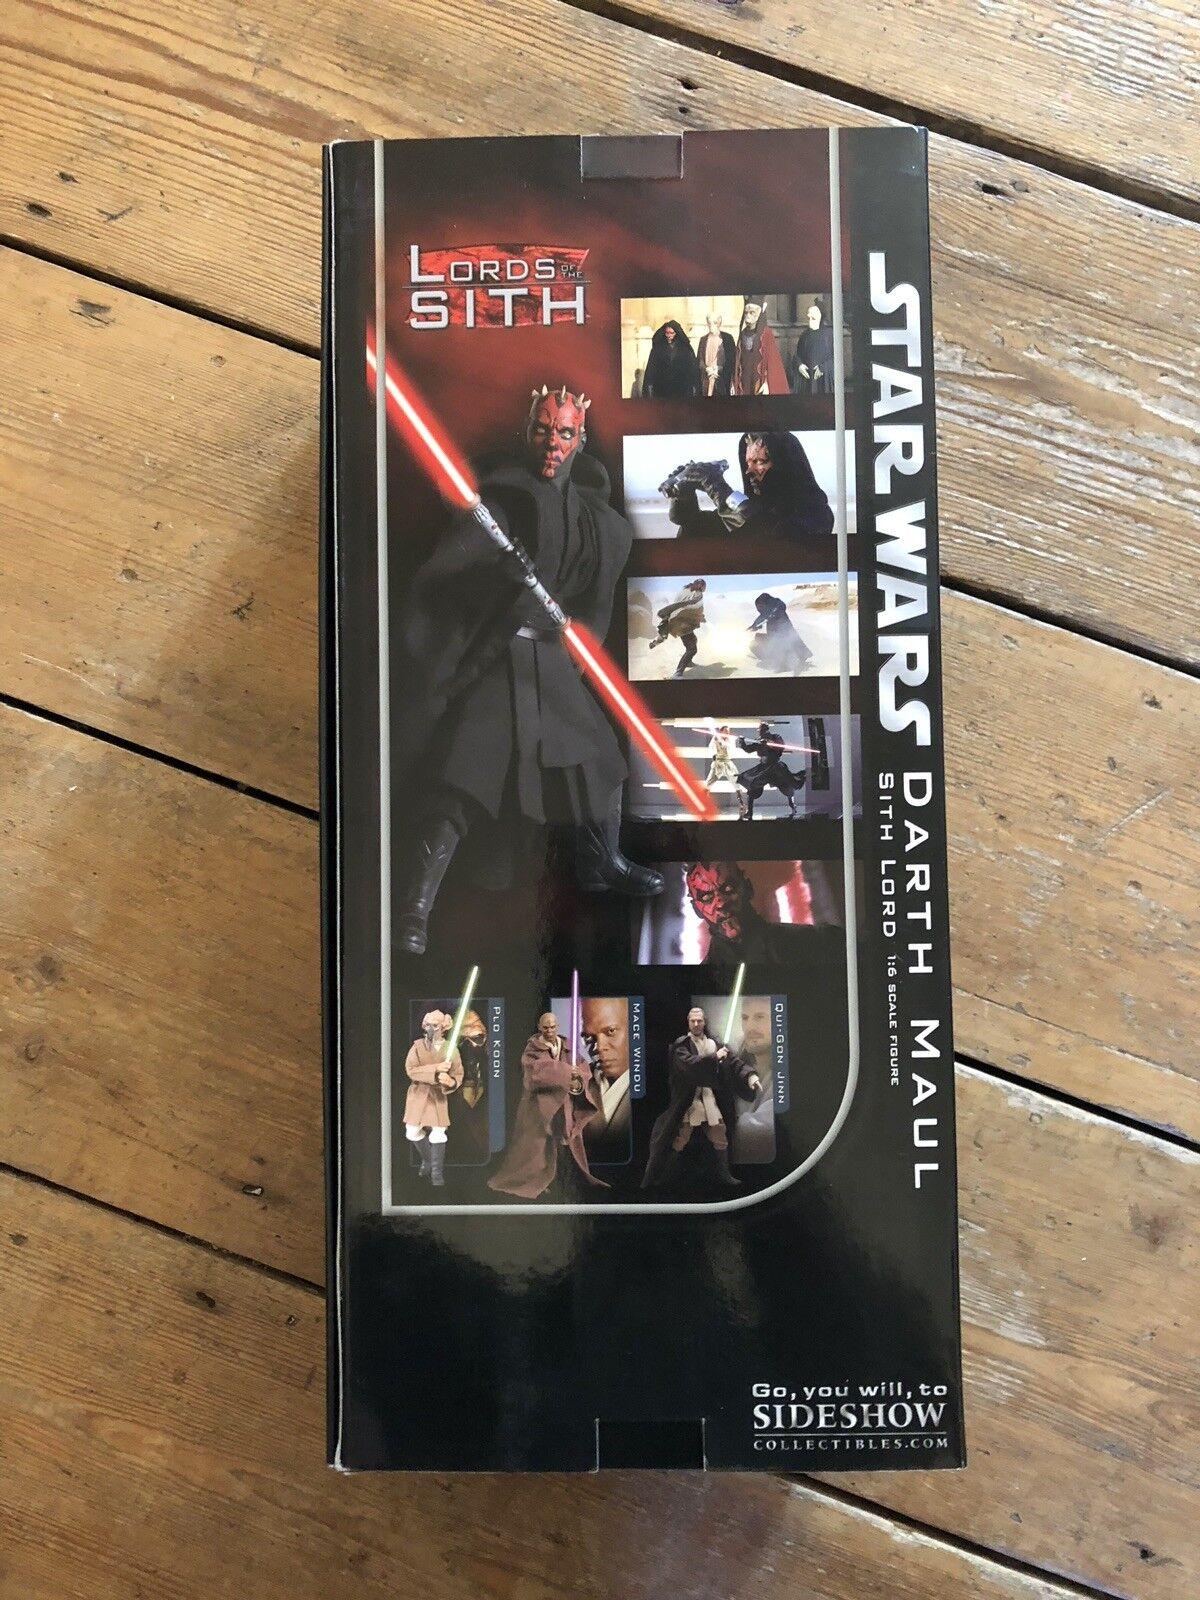 Offre festive de la nuit du carnaval de de de Noël à Noël Sideshow Star Wars Darth Maul Sith Lord AF SSC 1095 d8e3c4